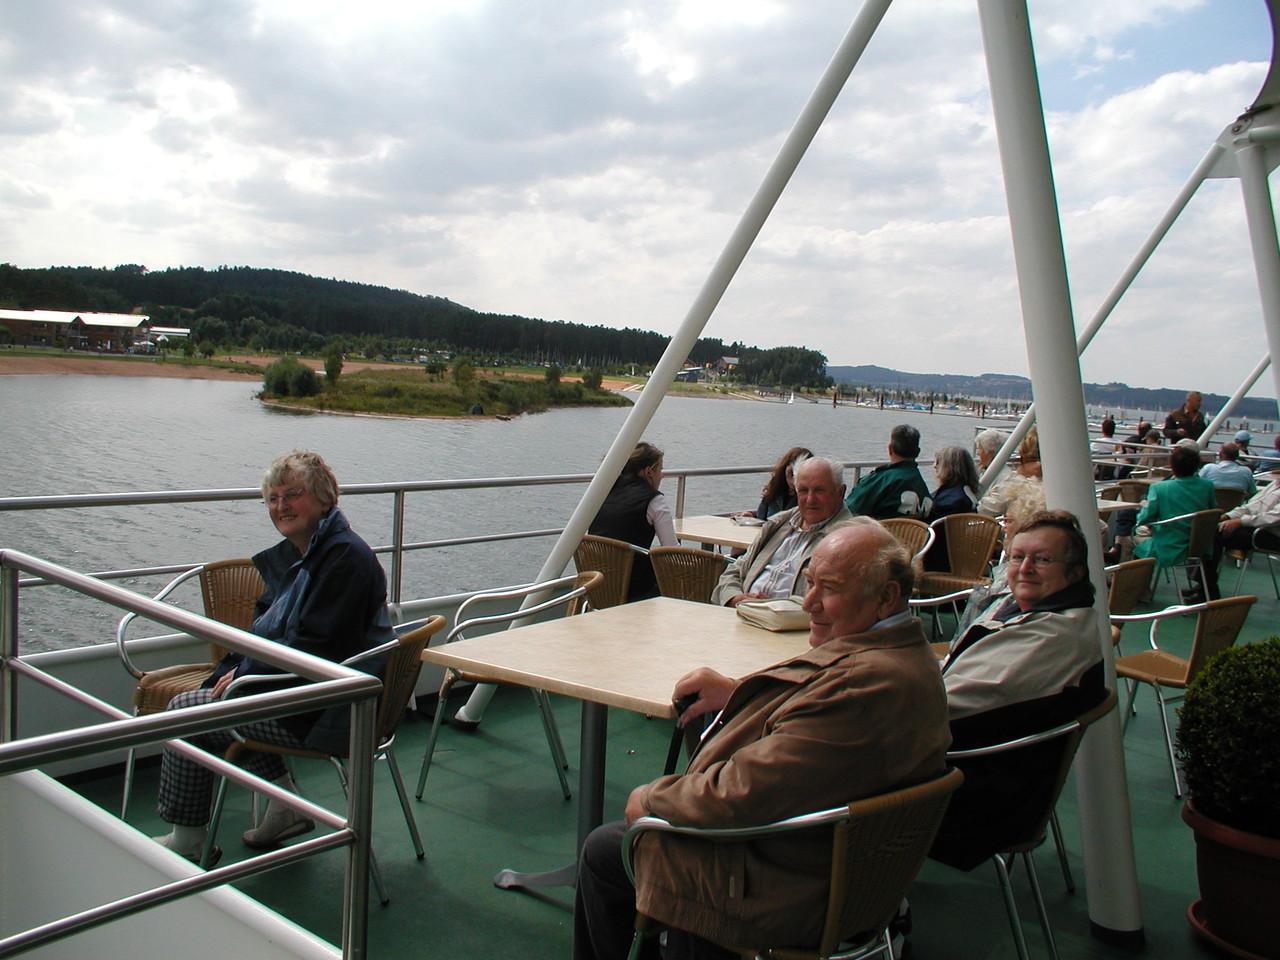 Ausflug zum Brombachsee Juli 2005